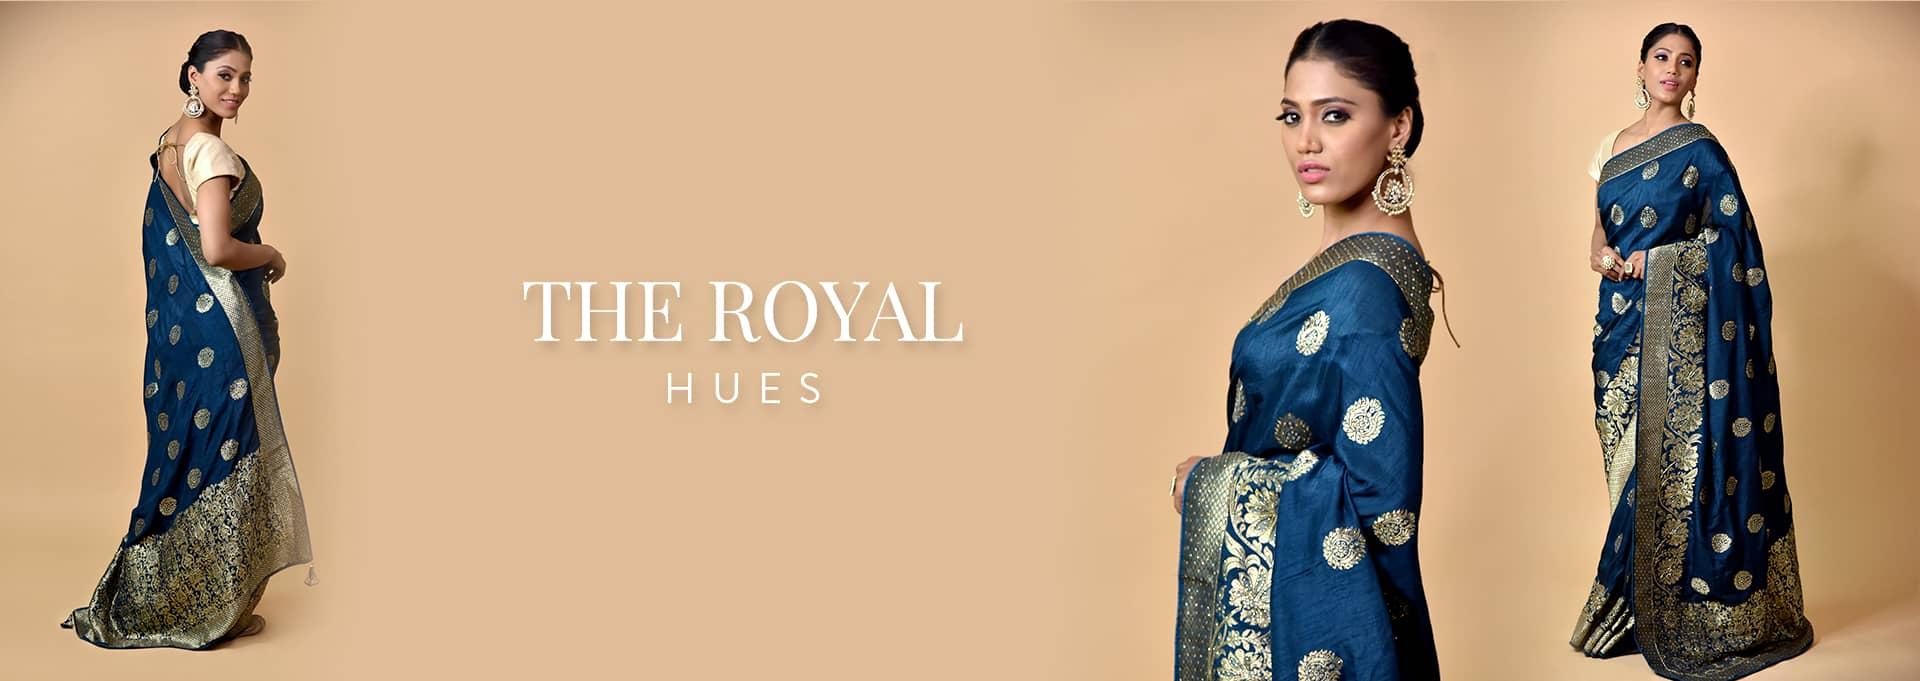 Surya sarees | The Royal Hues | House of Surya | Chandni Chowk | Delhi